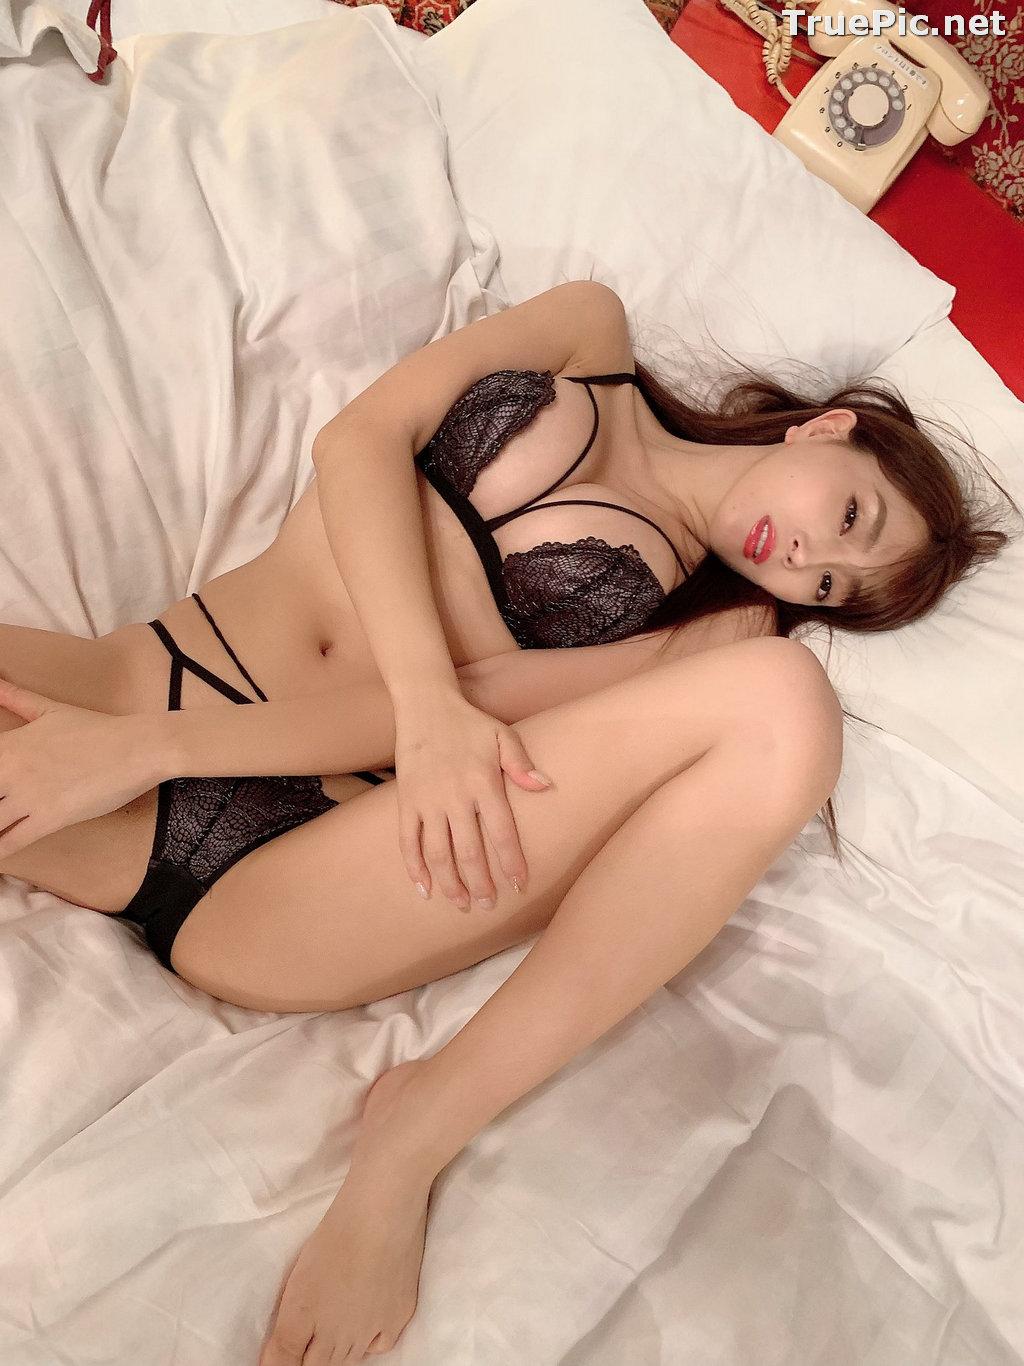 Image PB Album - Japanese Gravure Idol - Morisaki Tomomi - TruePic.net - Picture-1